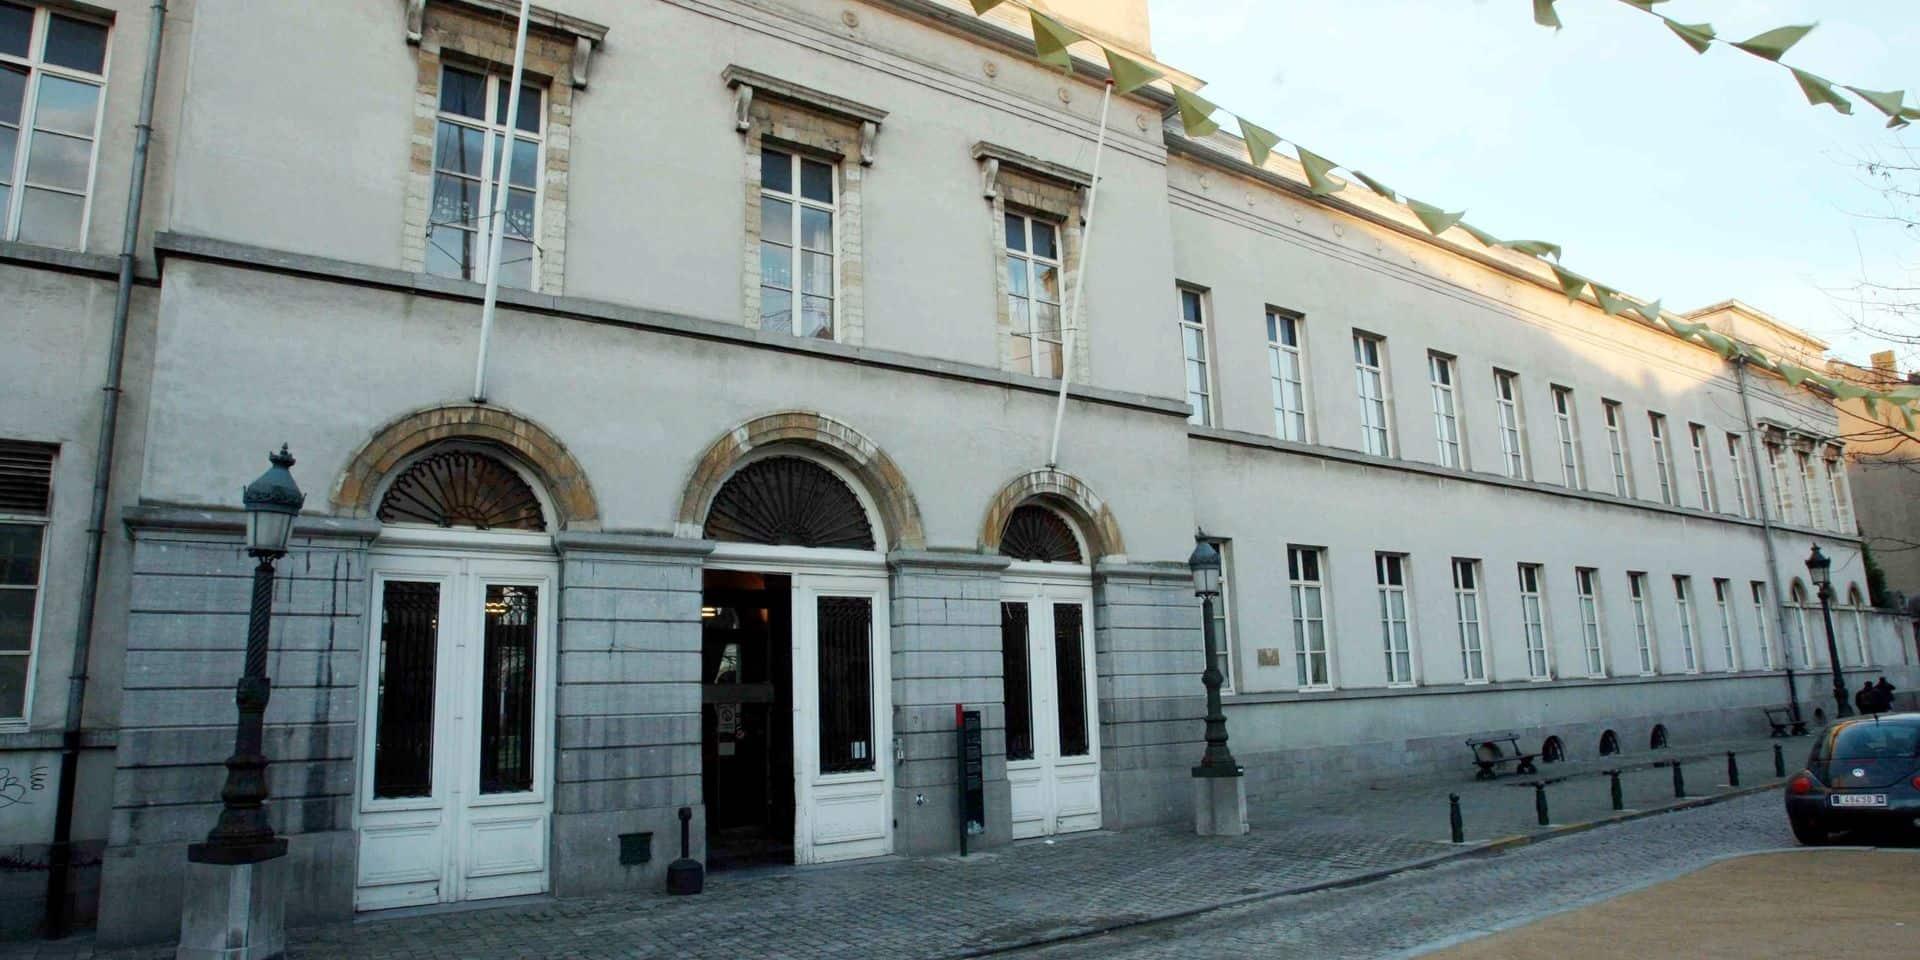 La police bruxelloise a délogé 38 personnes de l'Institut Pacheco